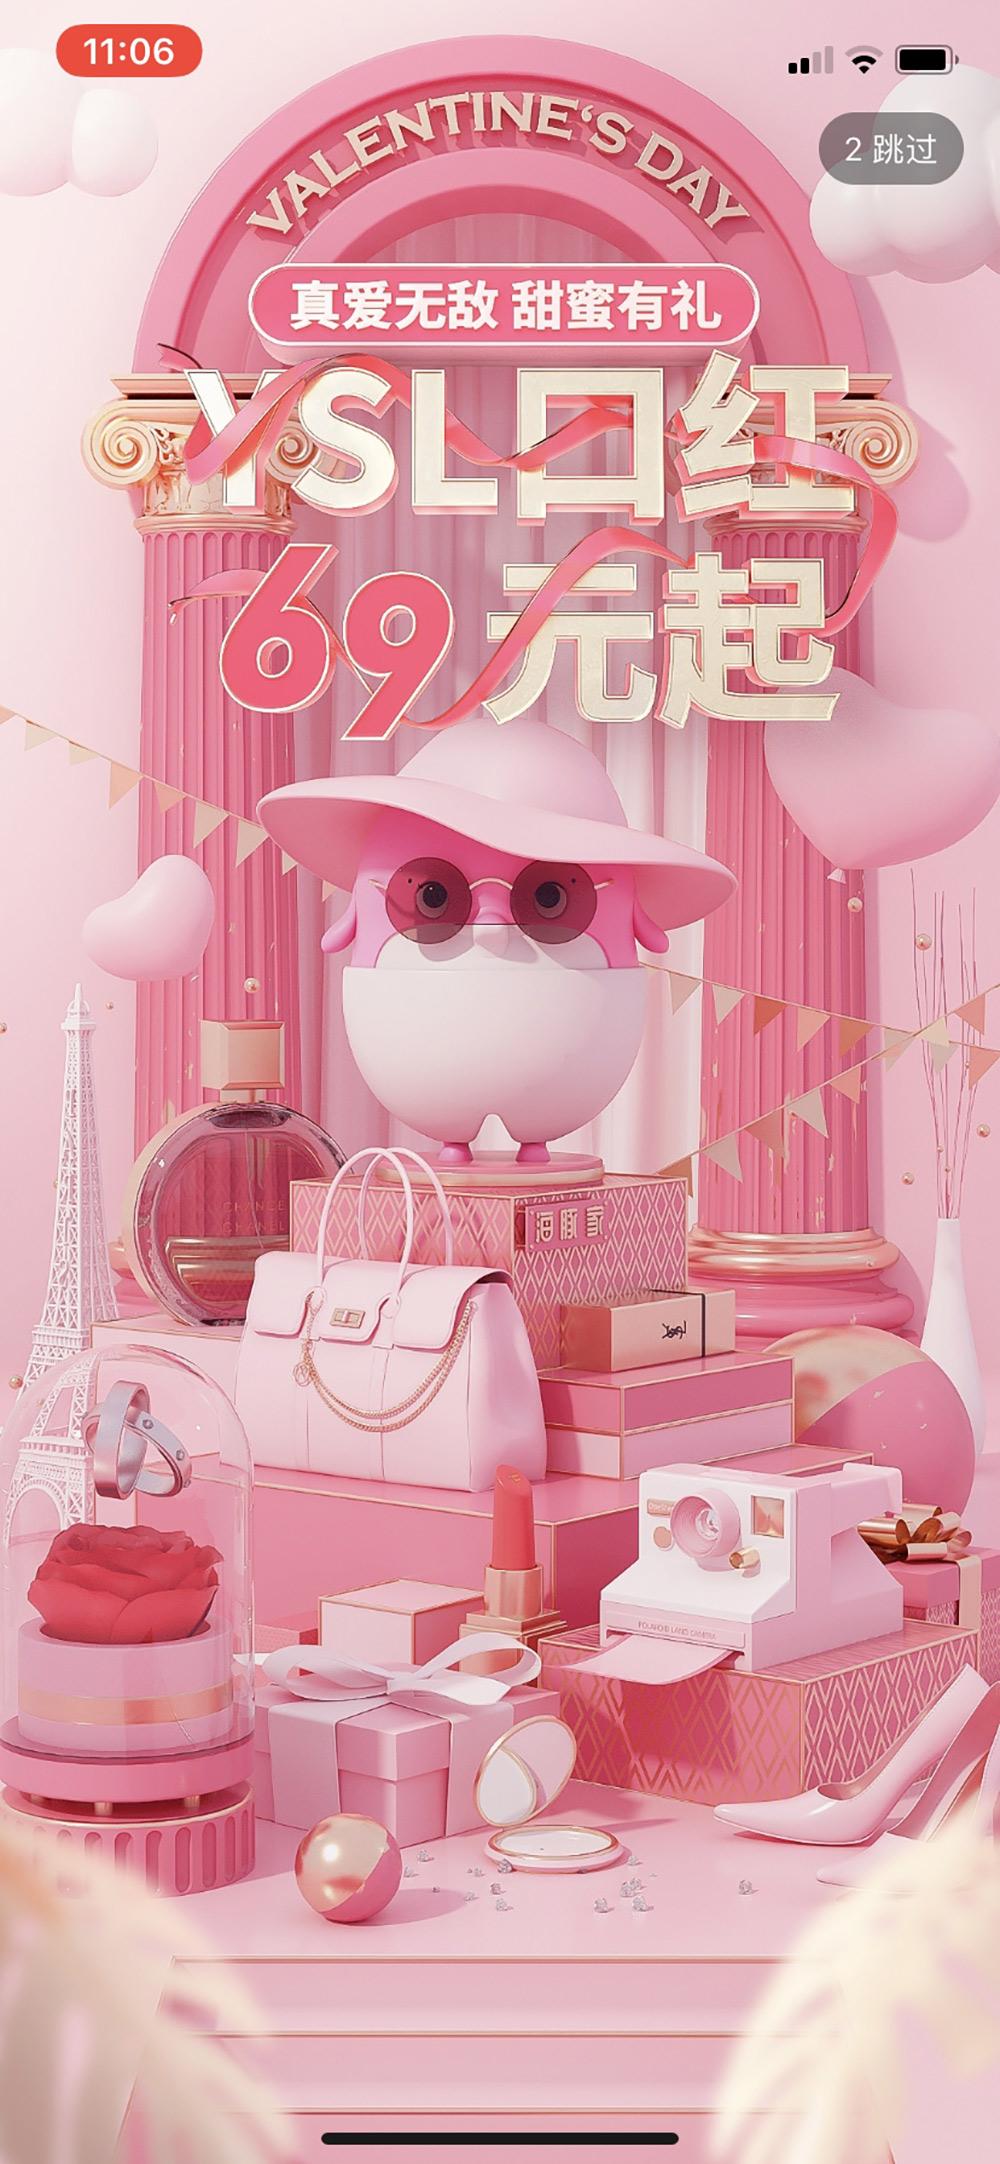 15张创意C4D营销海报设计